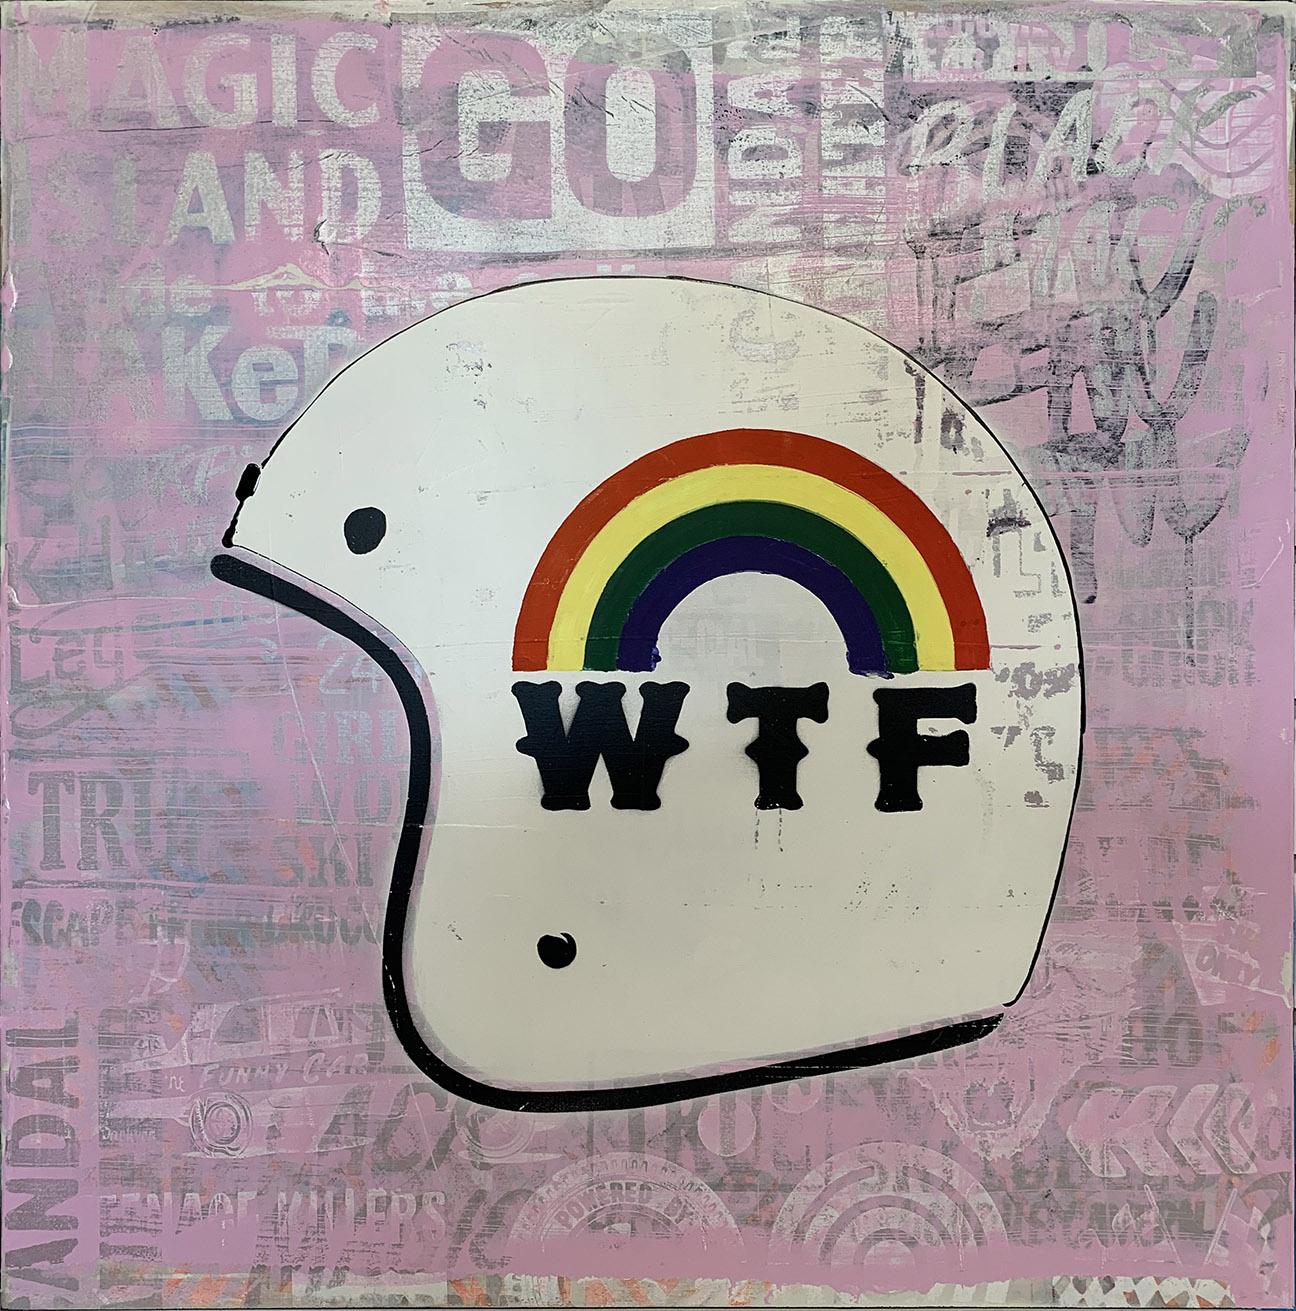 OTR_WTF_web.jpg